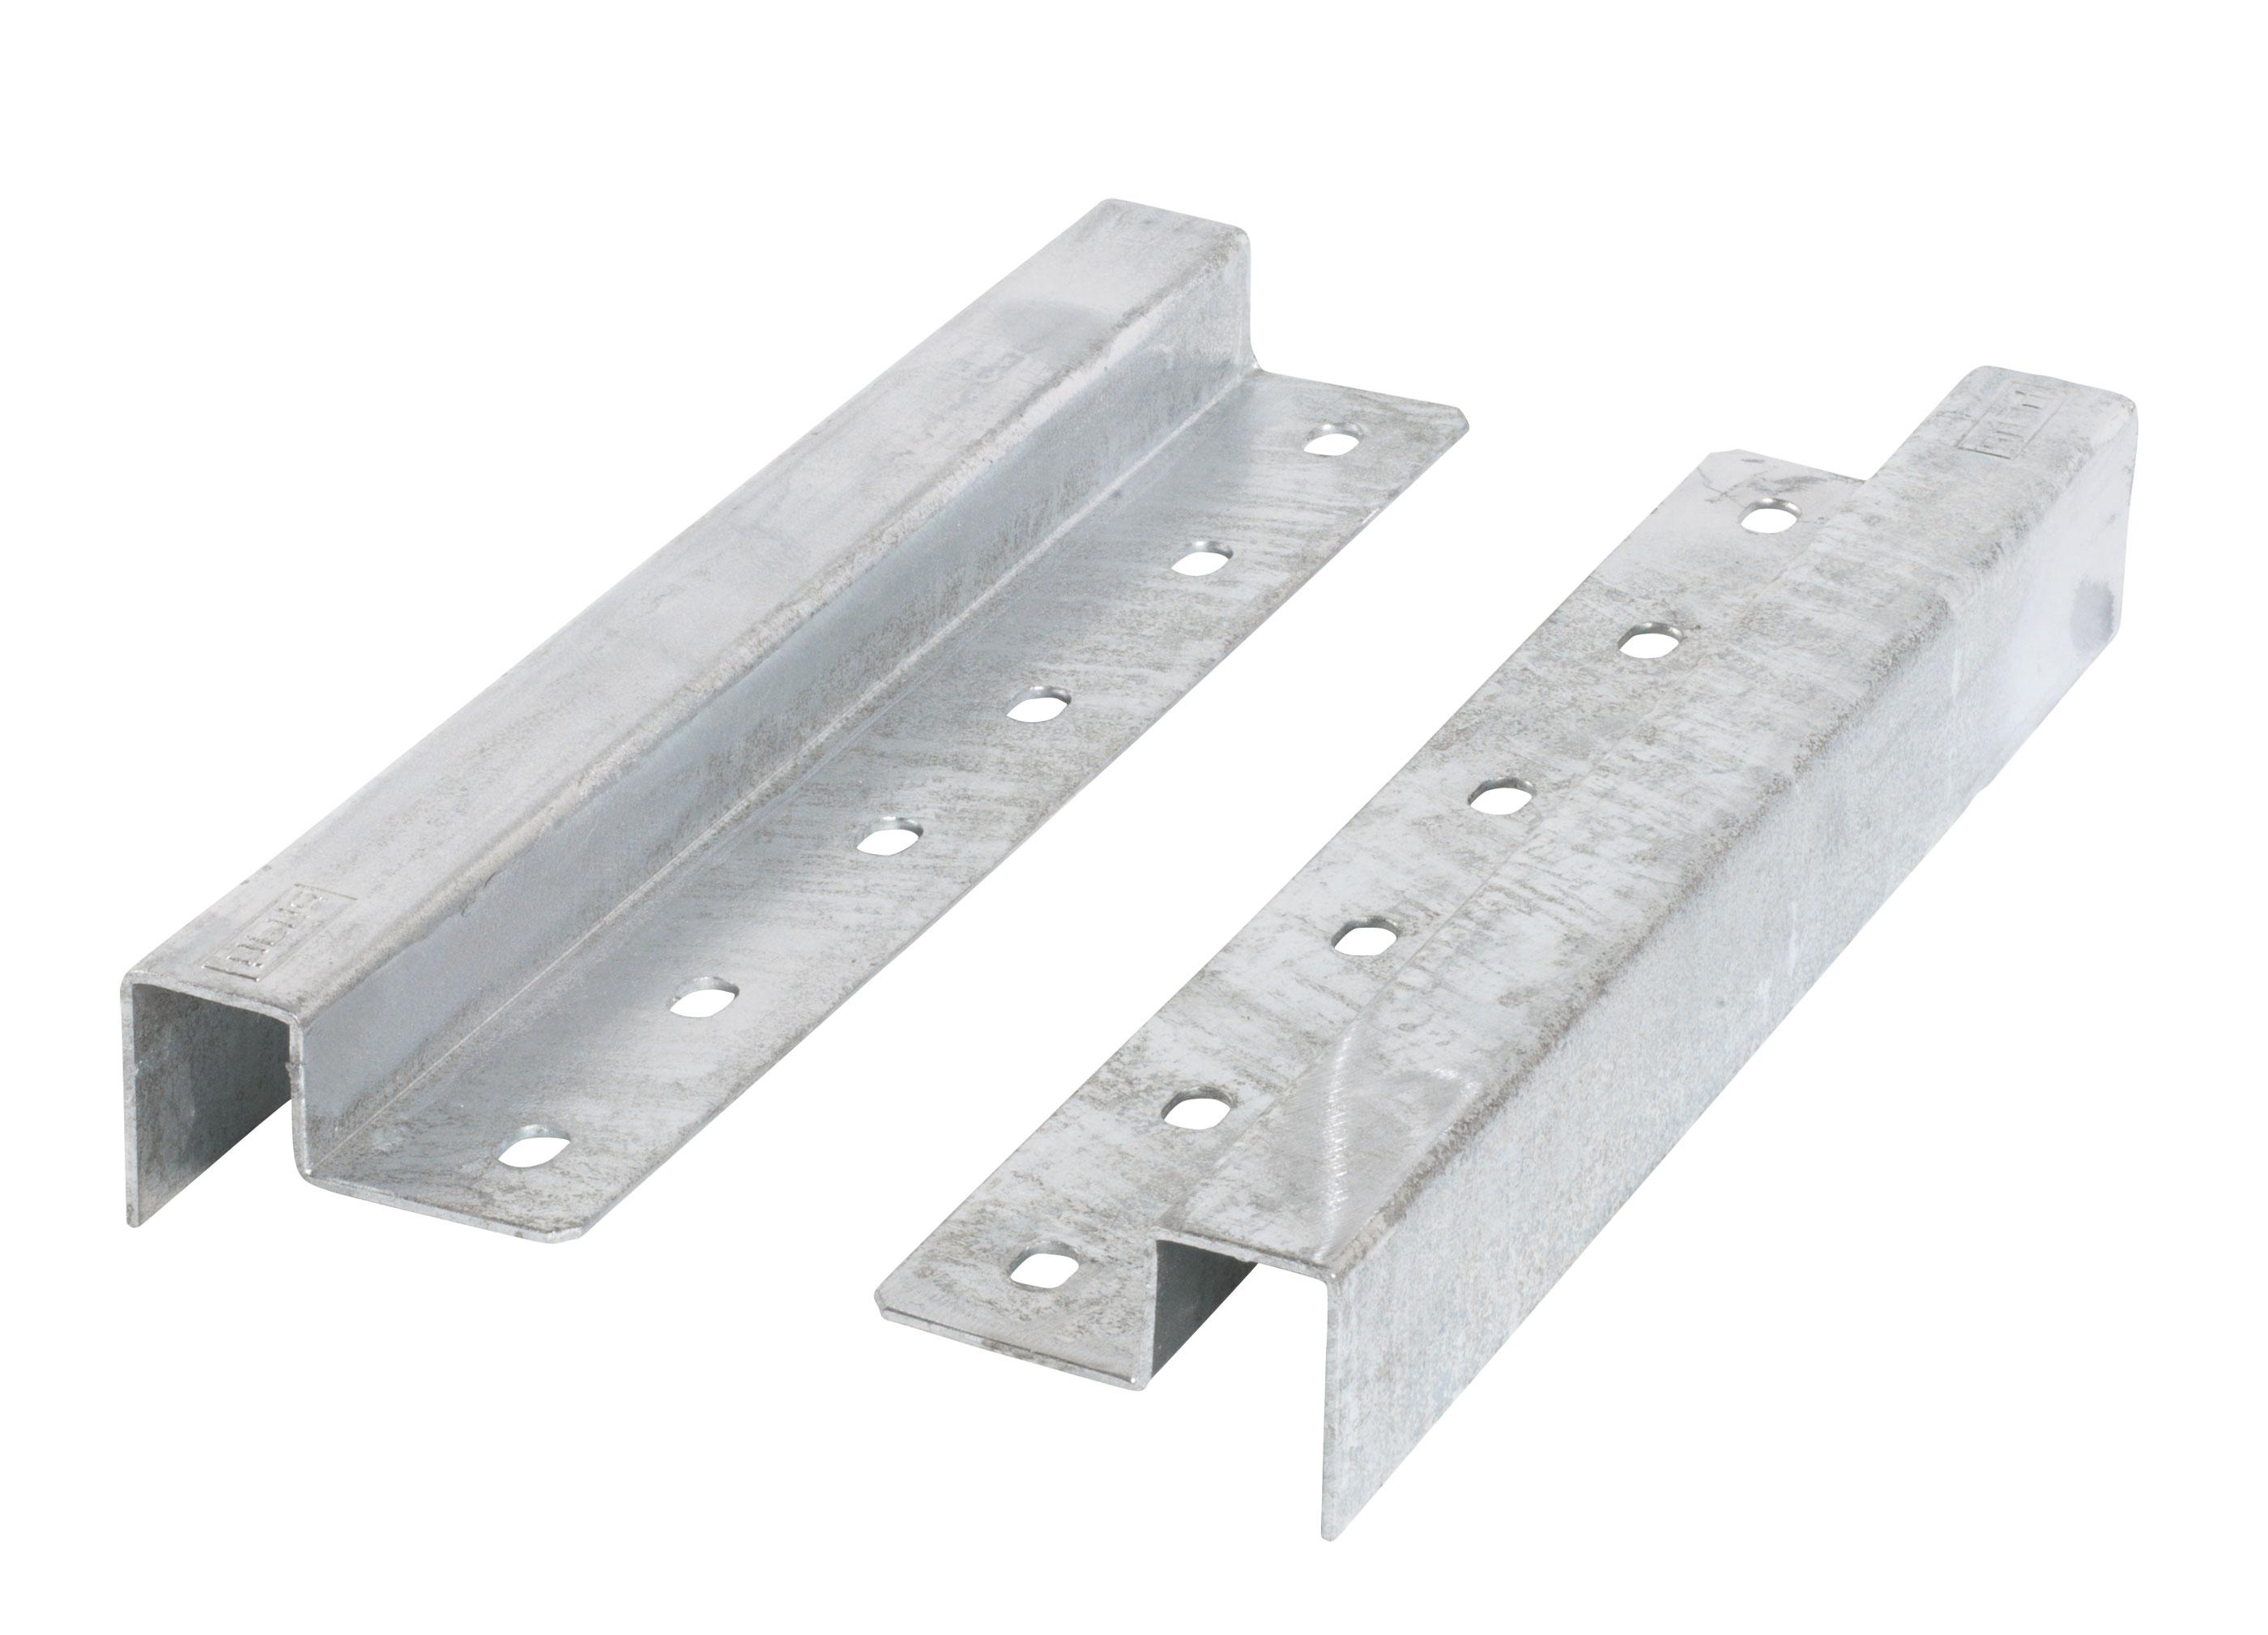 PIPE Bankbeschlag / Modulsystem Plus 2Stck Stahl inkl. Montagematerial Bild 1